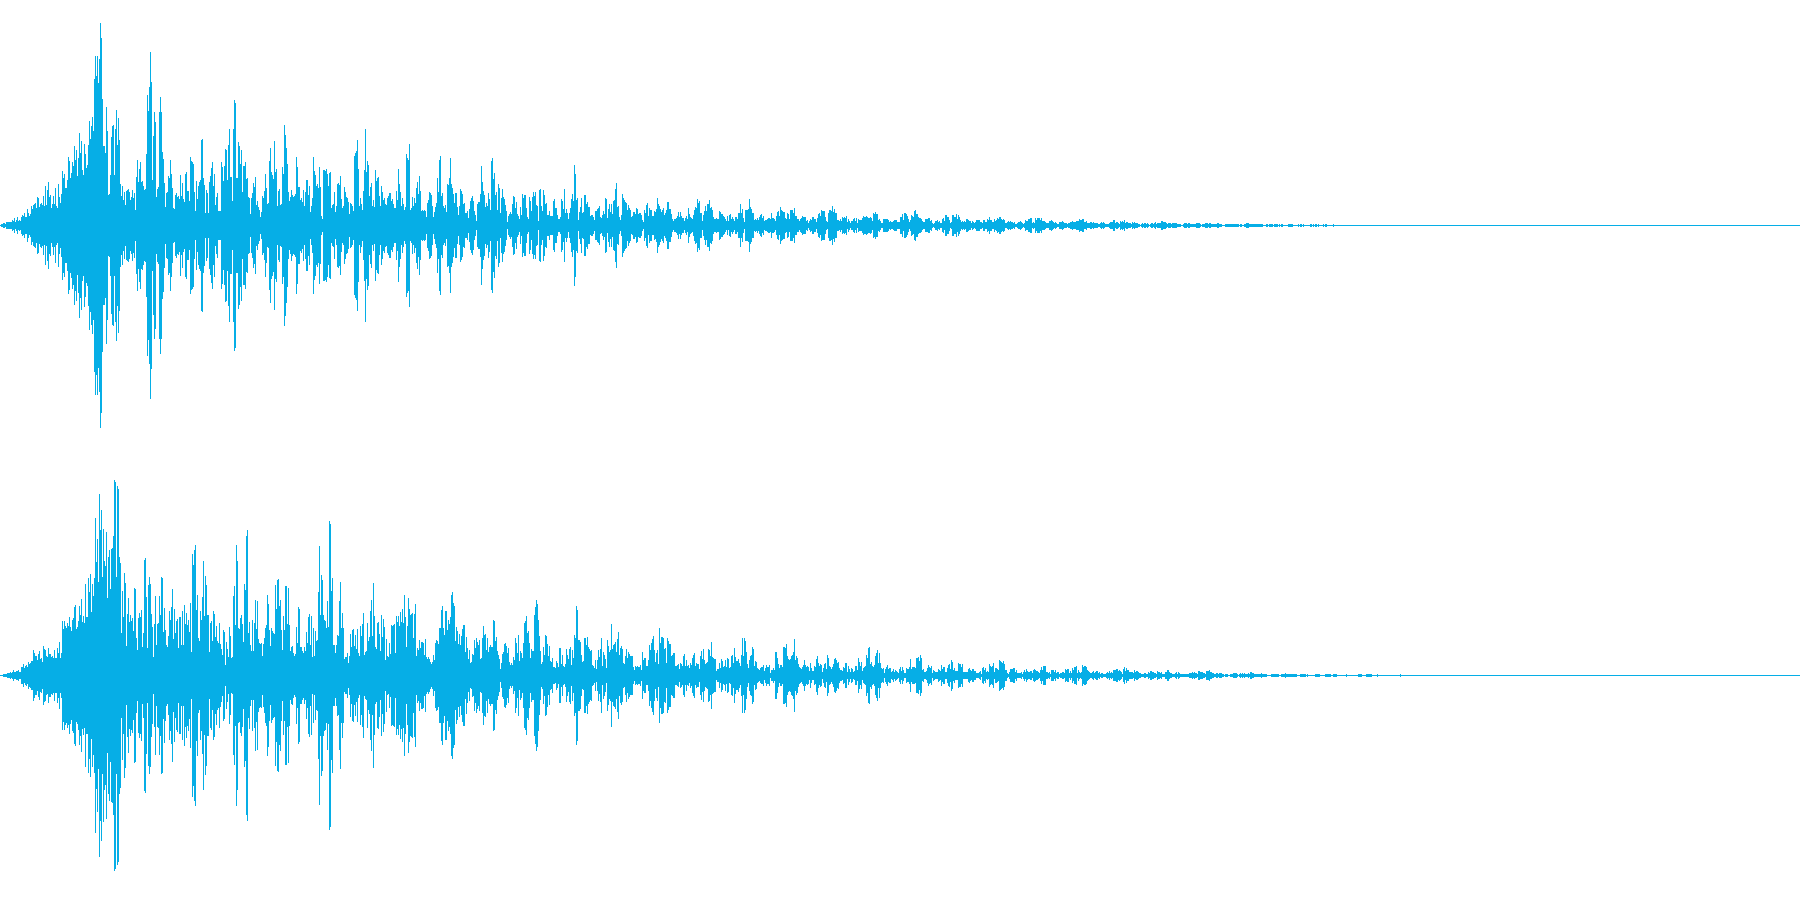 ホラー系アタック音96の再生済みの波形